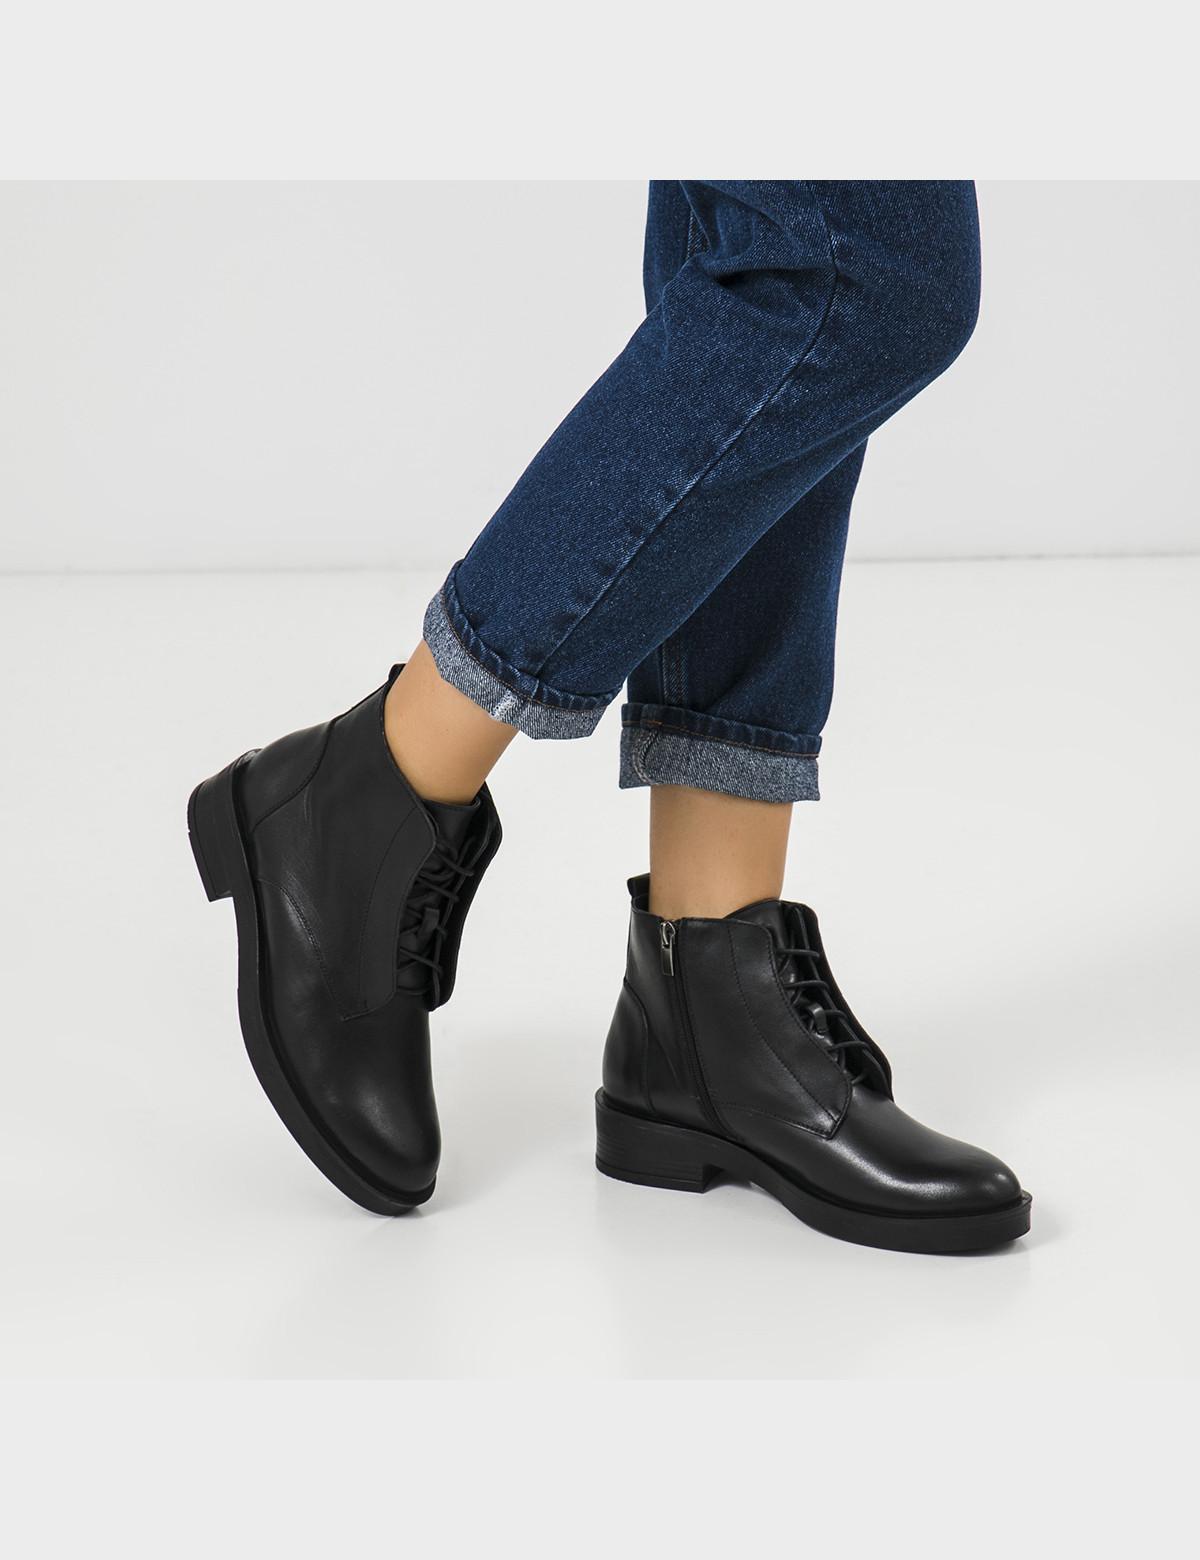 Ботинки черные натуральная кожа. Шерсть 5